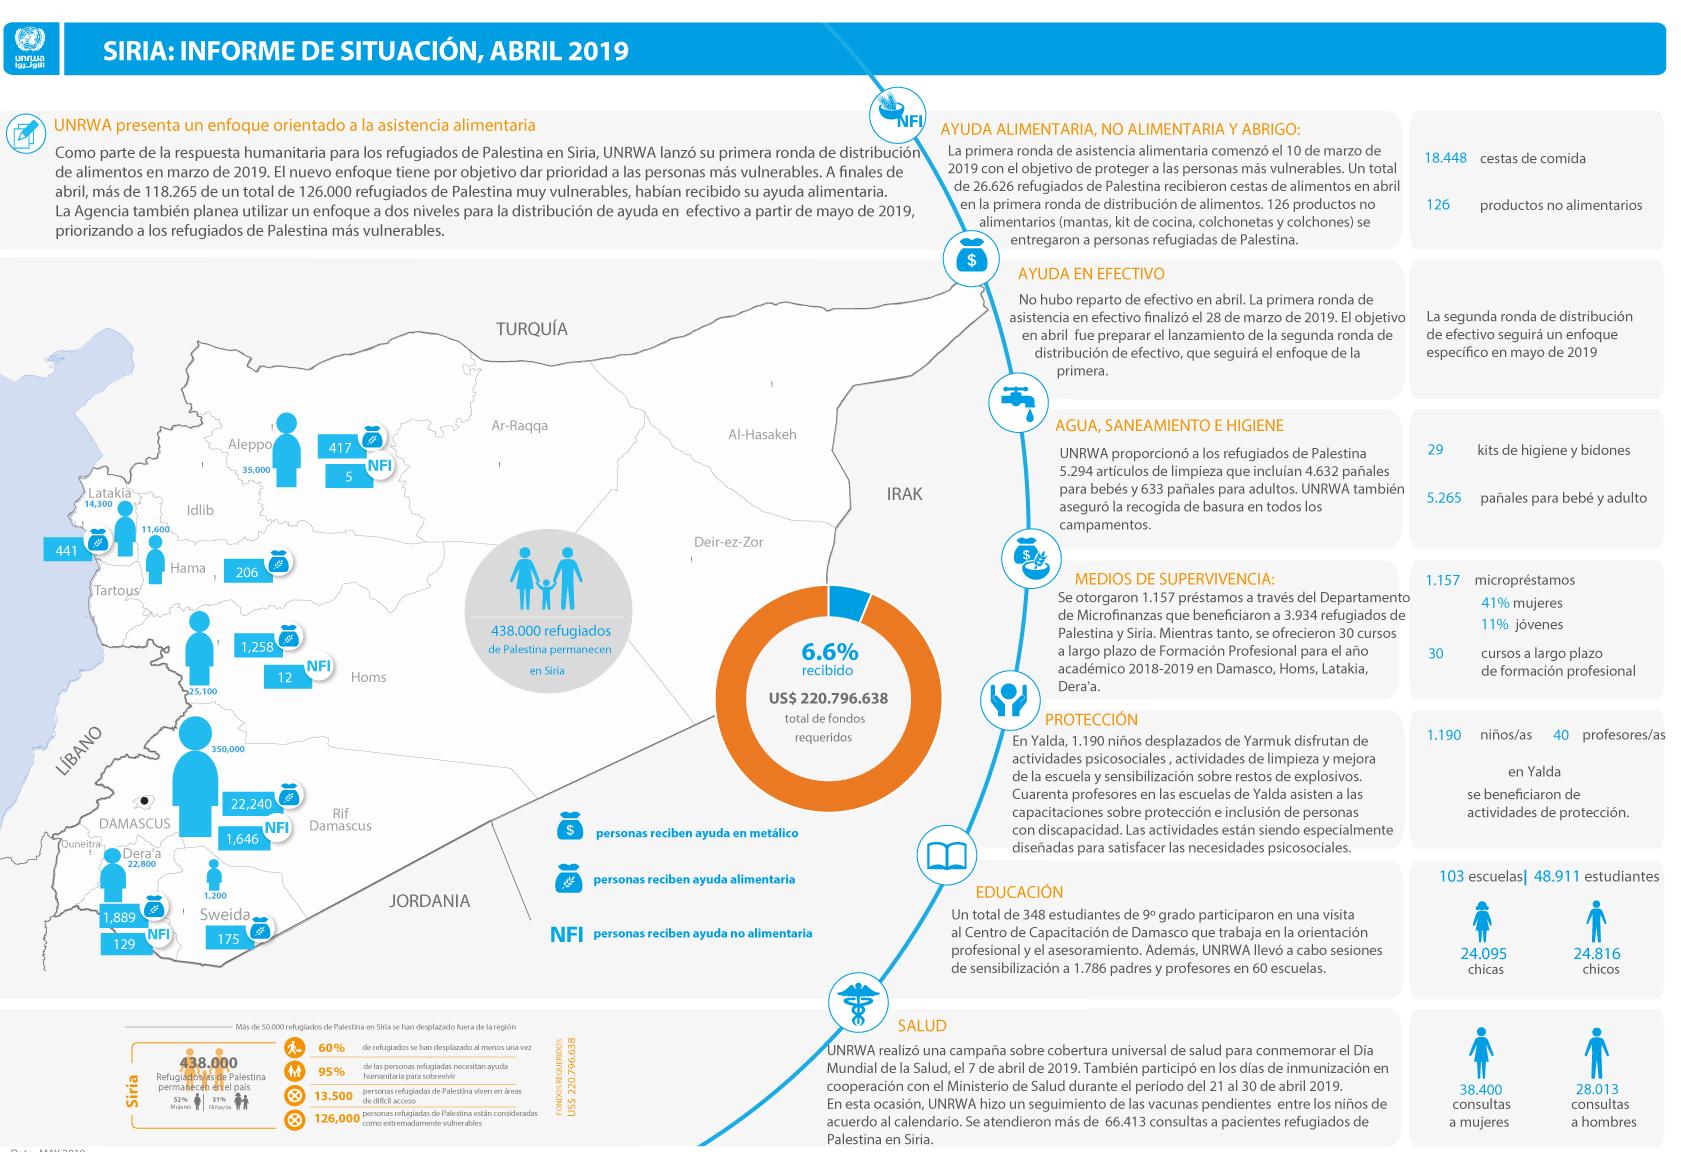 Actualización de la situación humanitaria de los refugiados de Palestina en Siria – Abril 2019